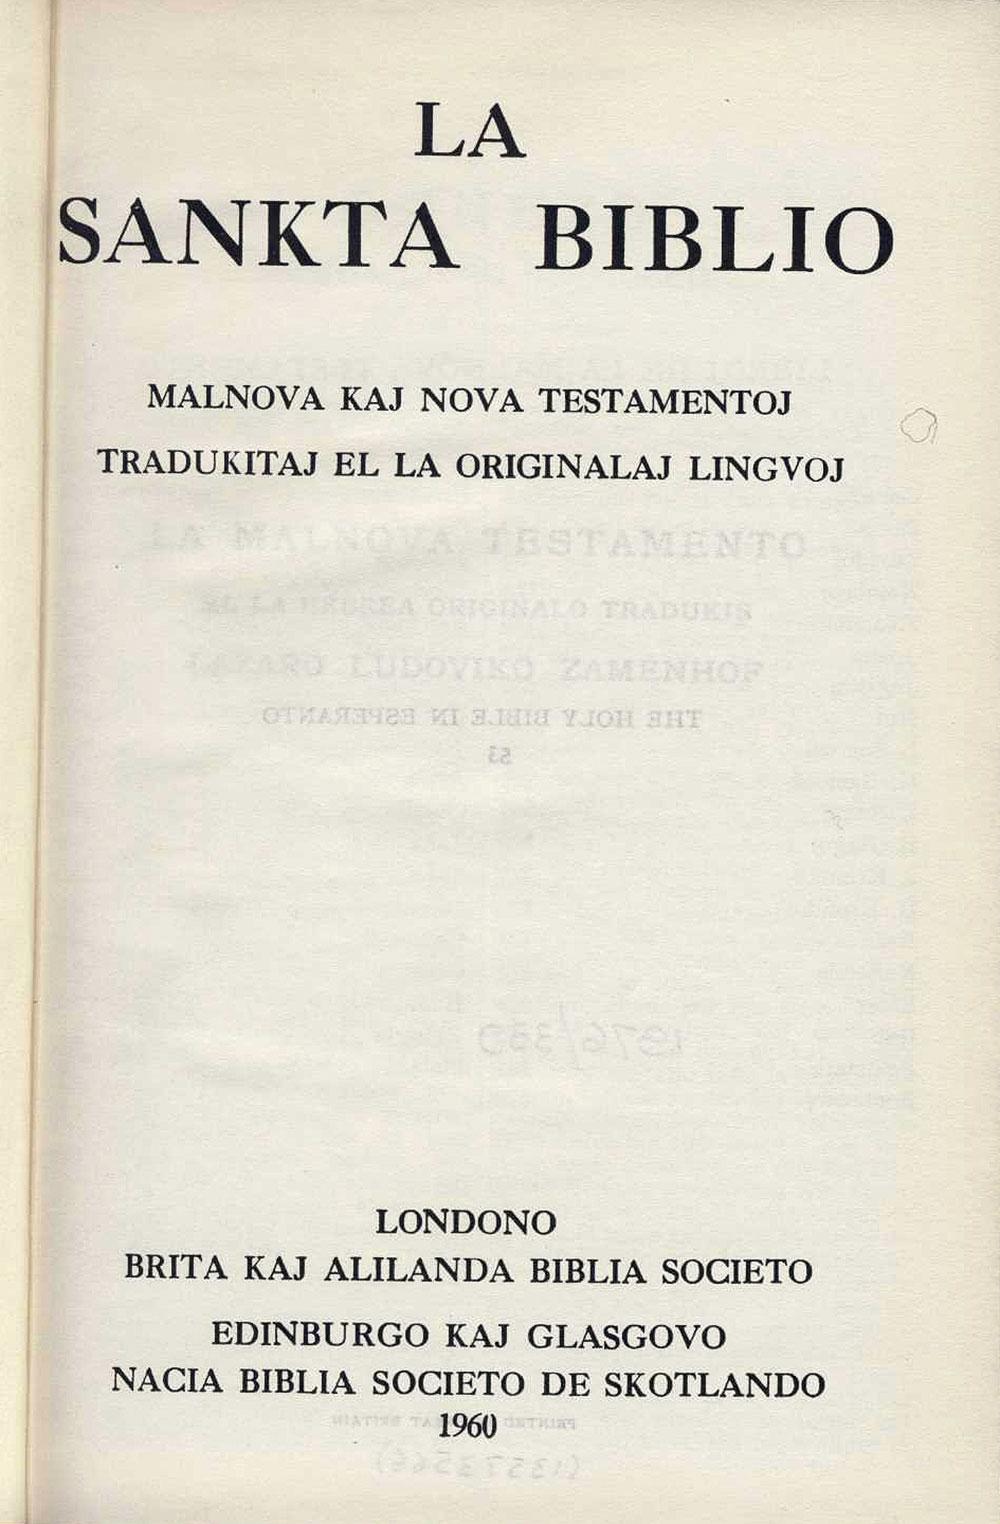 [Bible in Esperanto]. <em>La Sankta Biblio: Malnova kaj Nova Testamentoj tradukitaj el la originalaj lingvoj.</em> Londono: Brita Kaj Alilanda Biblia Societo, 1960.